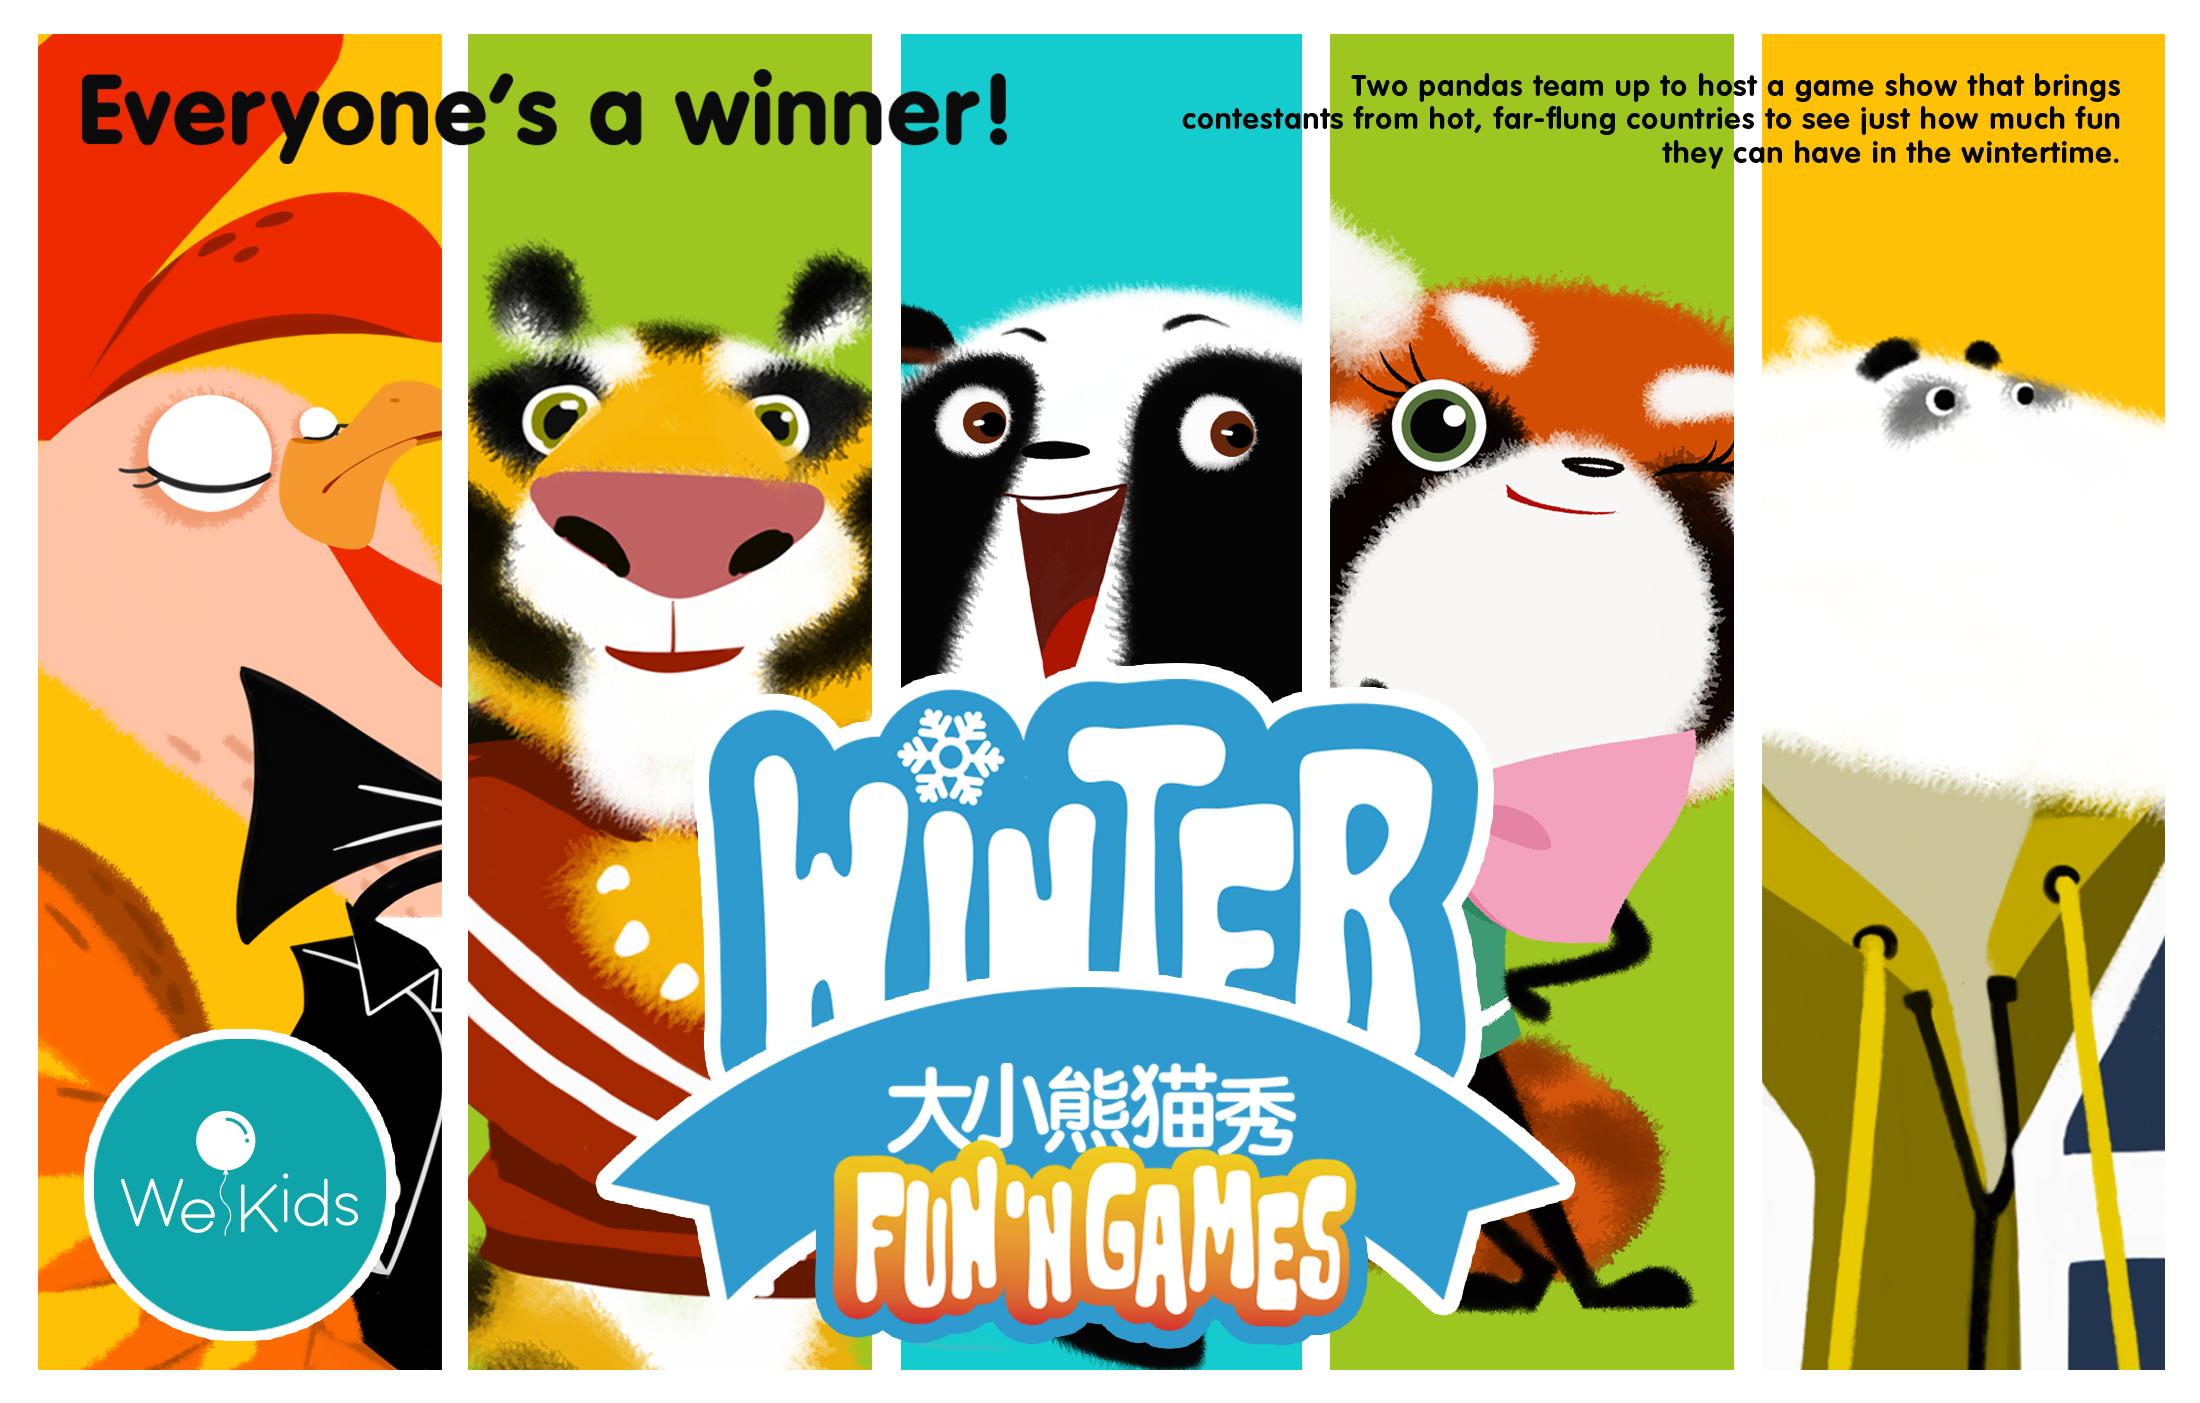 「大小熊猫秀」:万童原创儿童动画系列项目亮相戛纳MIP国际电视节